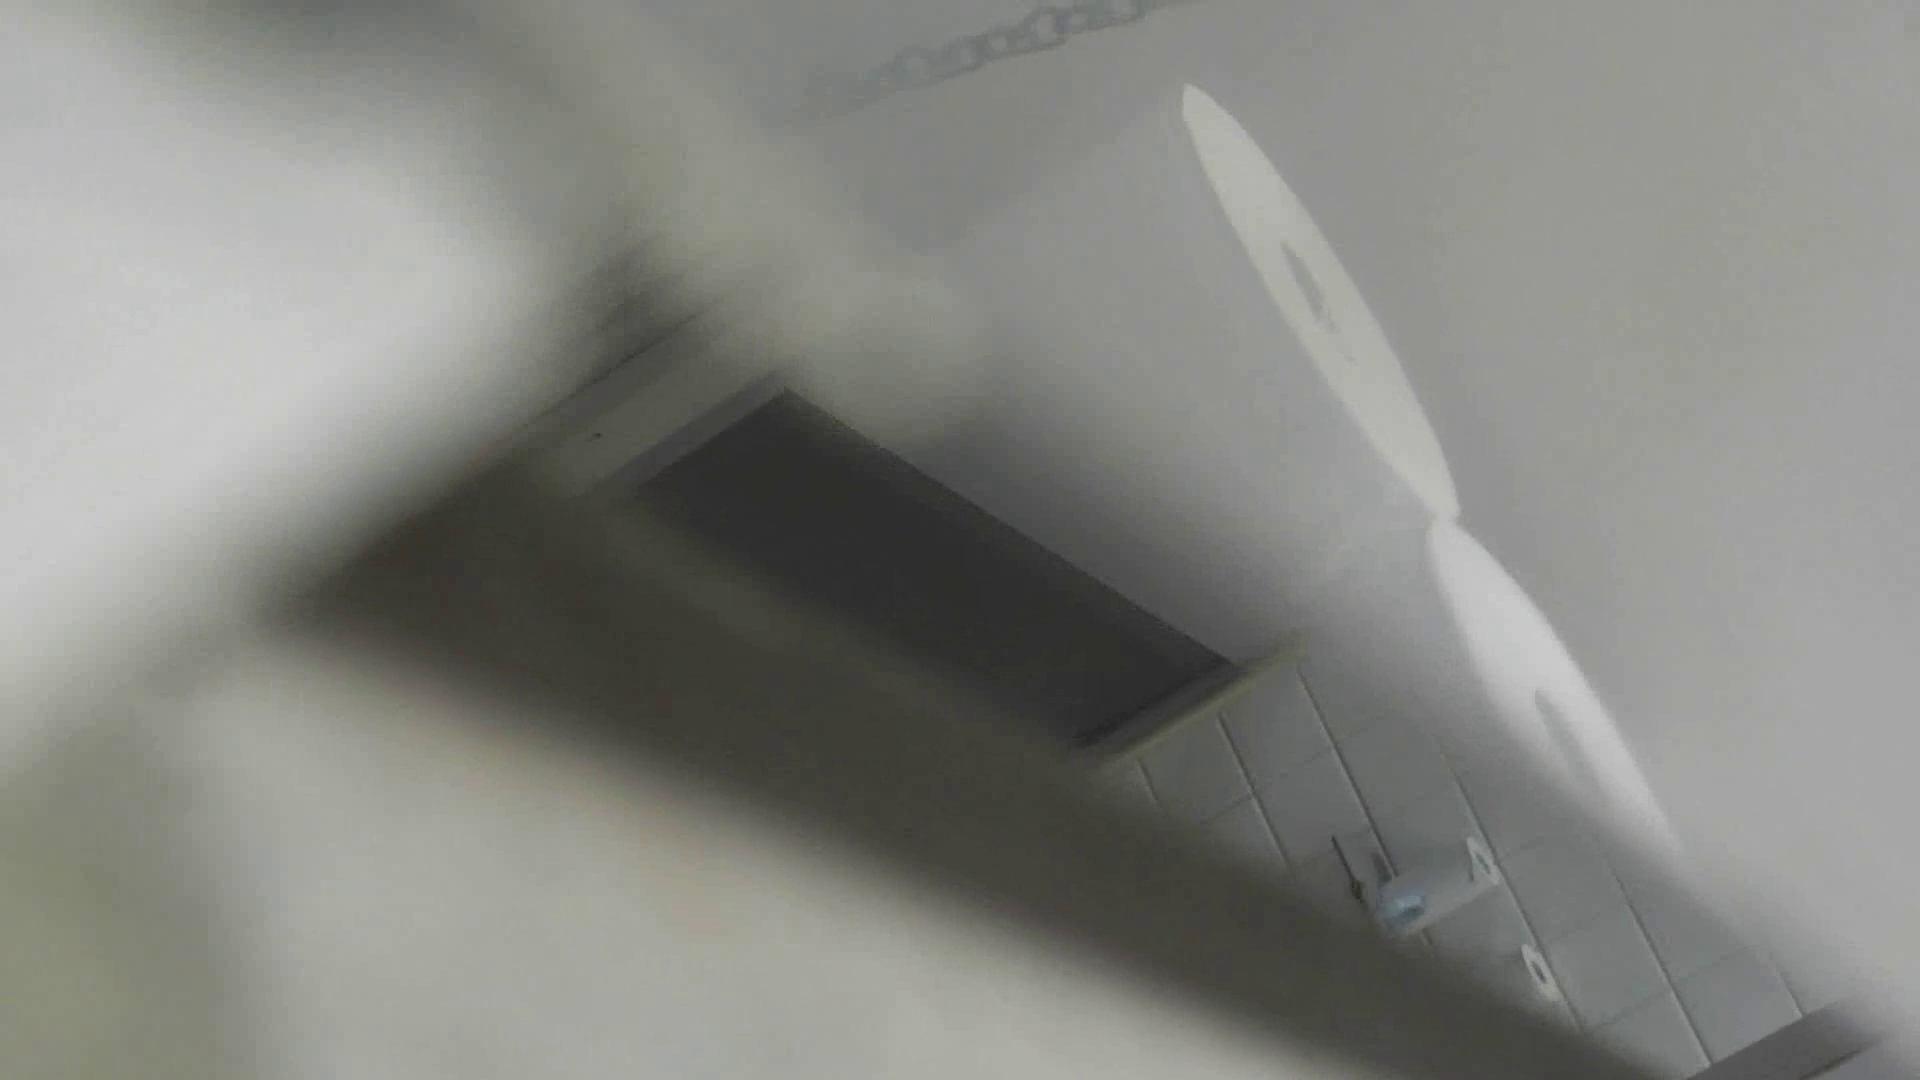 【美しき個室な世界】 vol.017 (゜∀゜) 高画質動画  38画像 3